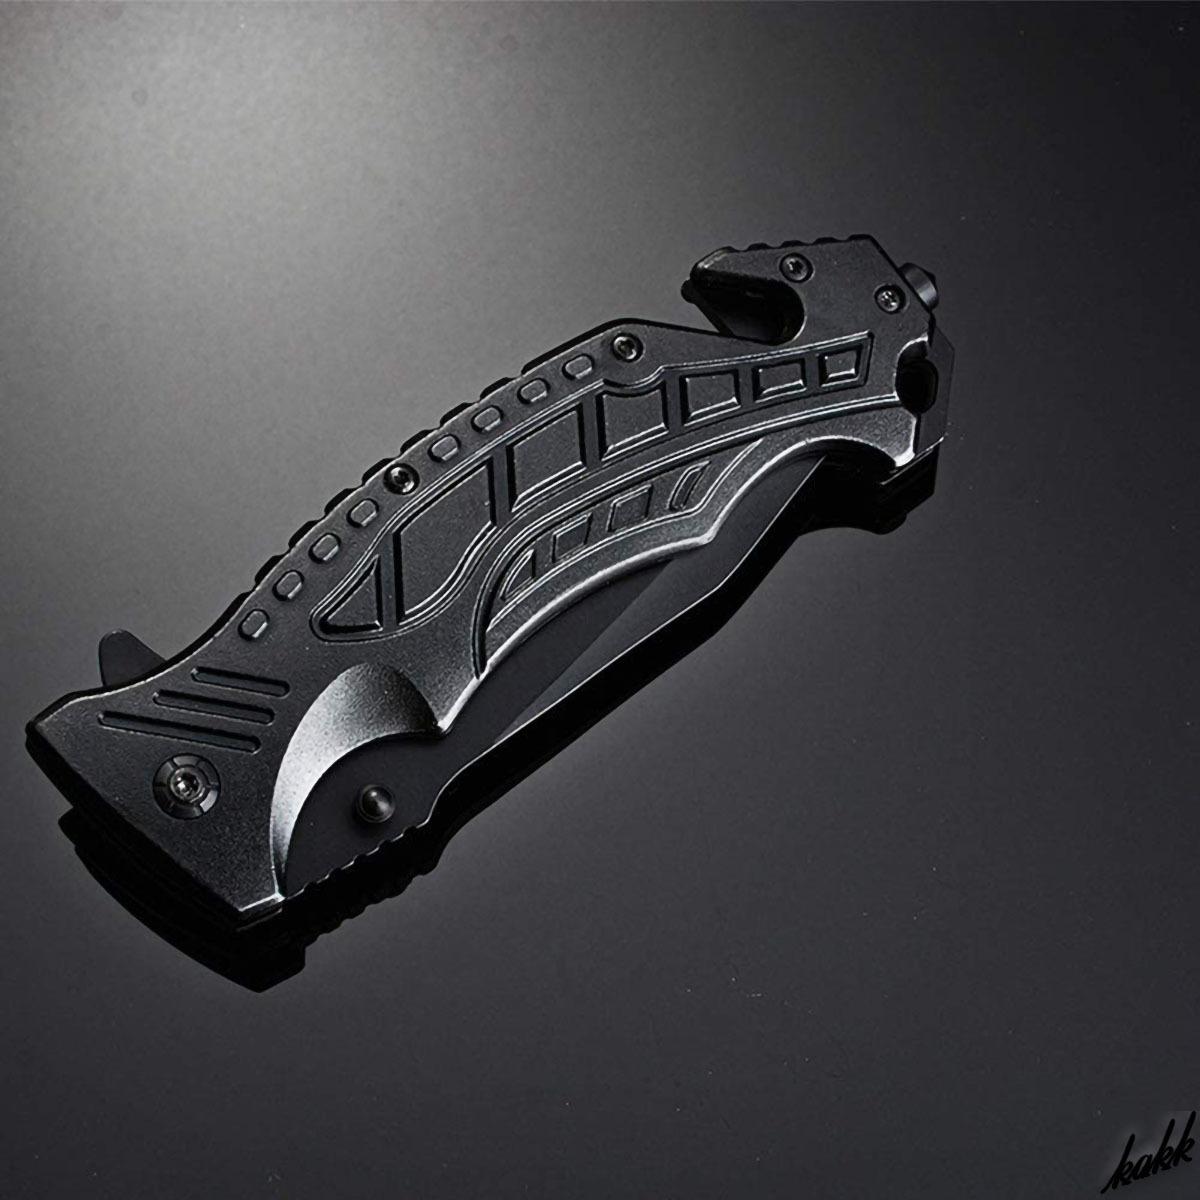 【多機能フォールディングナイフ】 折りたたみ クイックオープン機能 マルチツール 黒染め加工 ステンレス鋼 携帯に便利 アウトドア